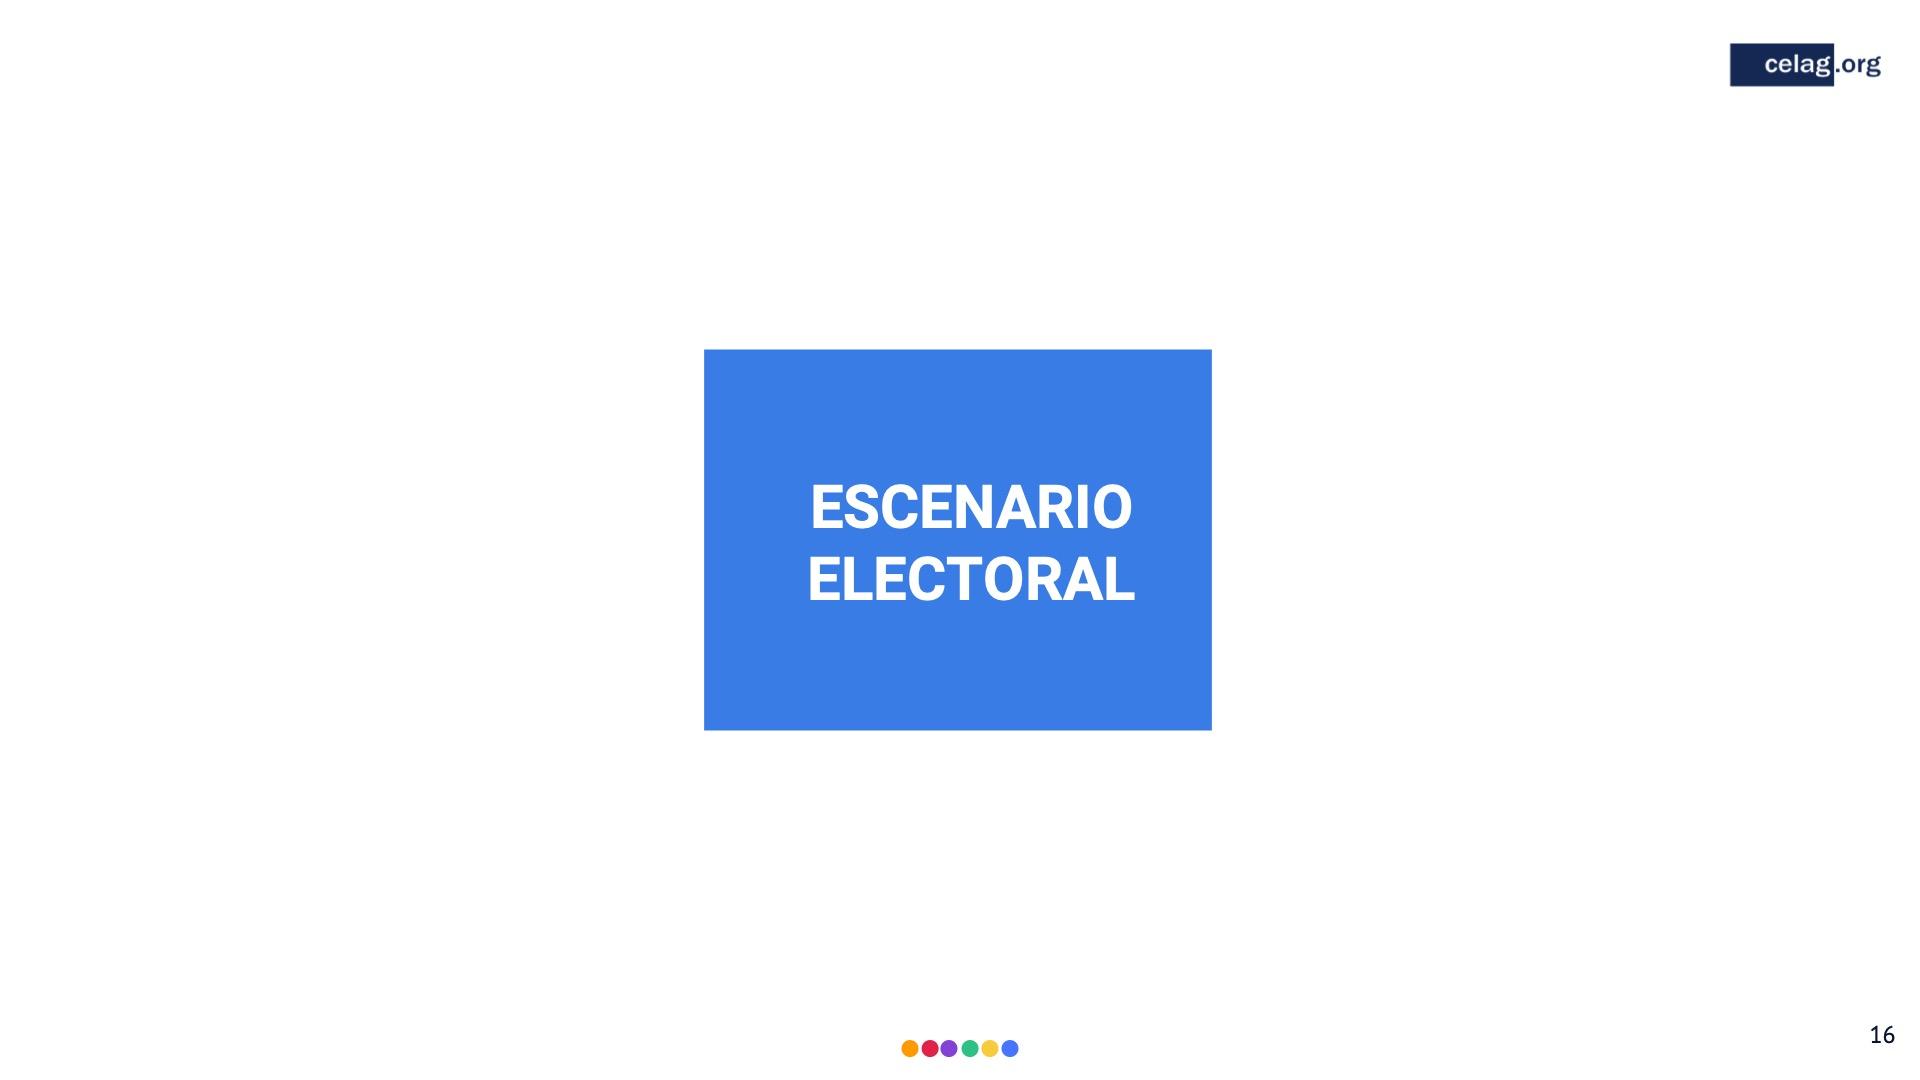 16 Elecciones bolivia escenario electoral